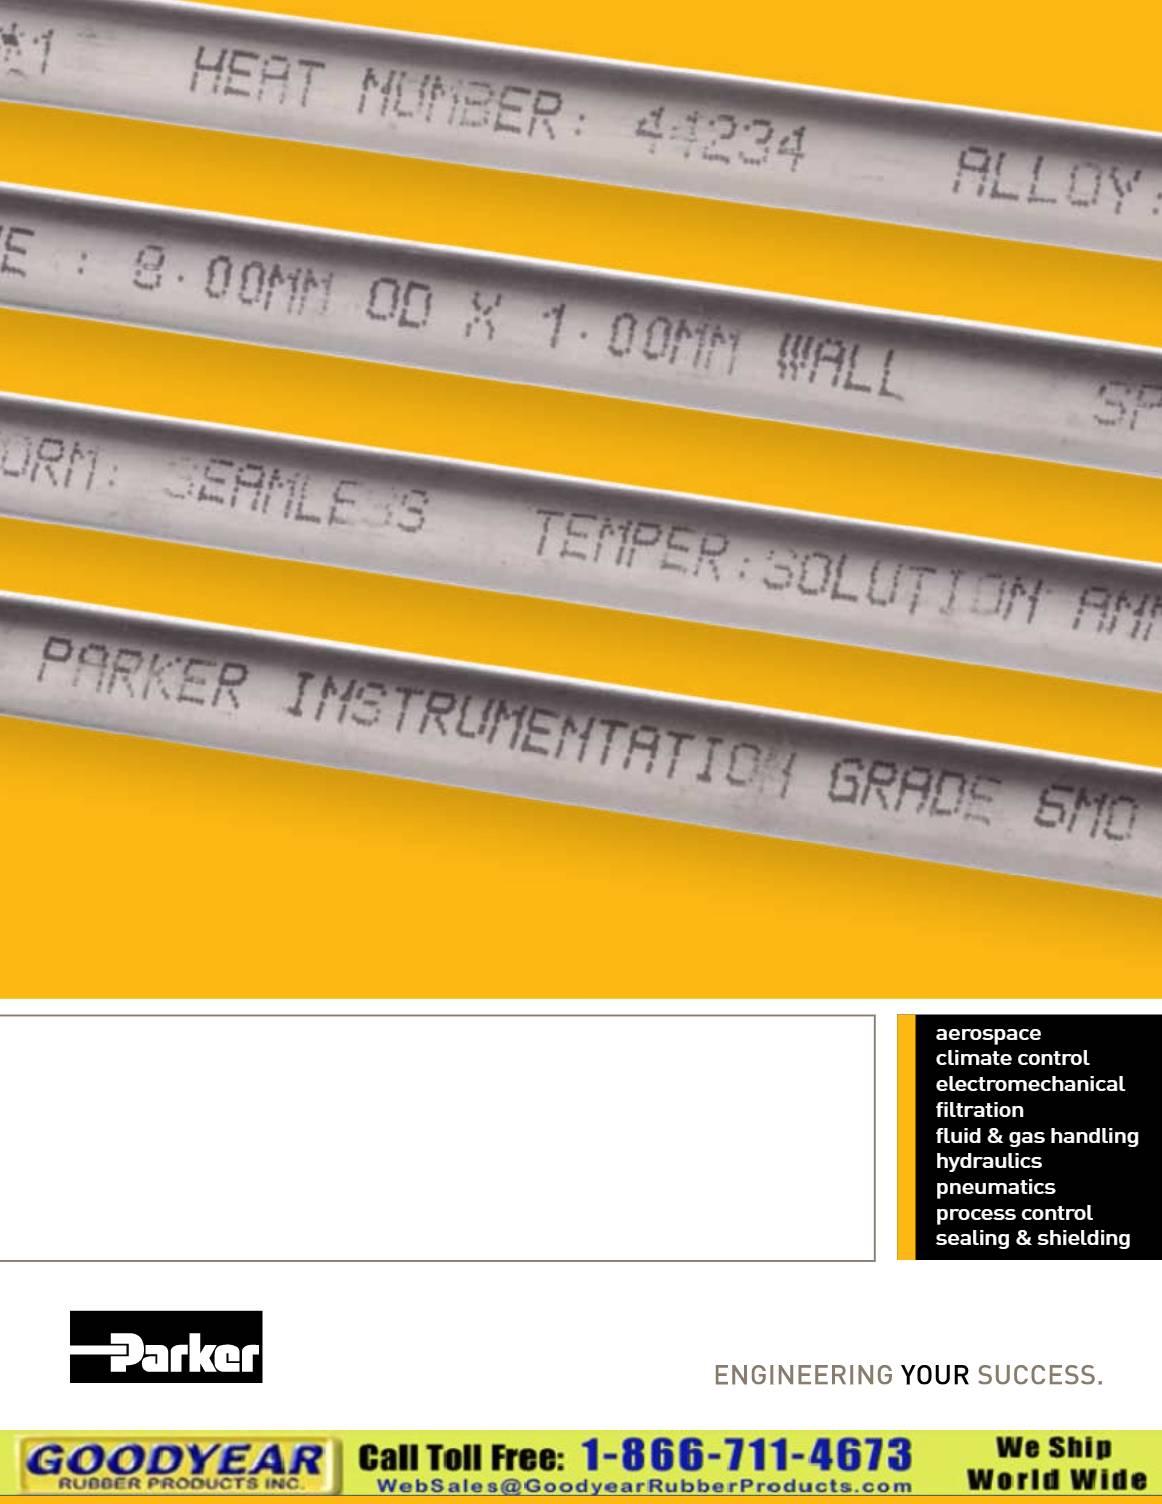 Parker Instrumentation Tubing Catalog